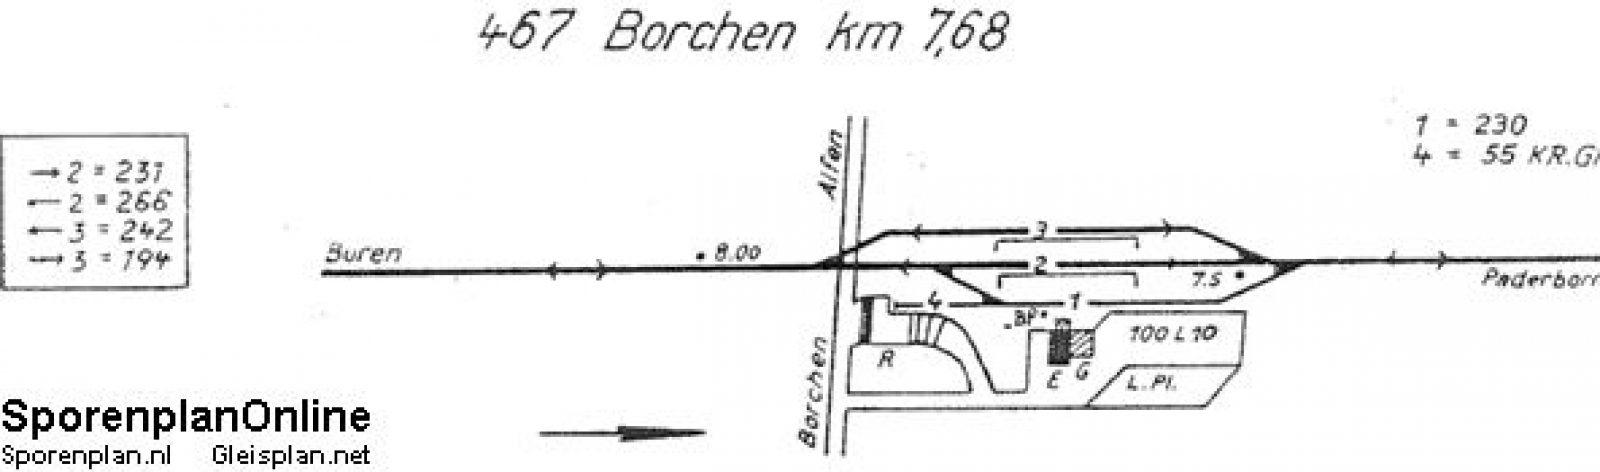 06 Gleisplan 467_borchen